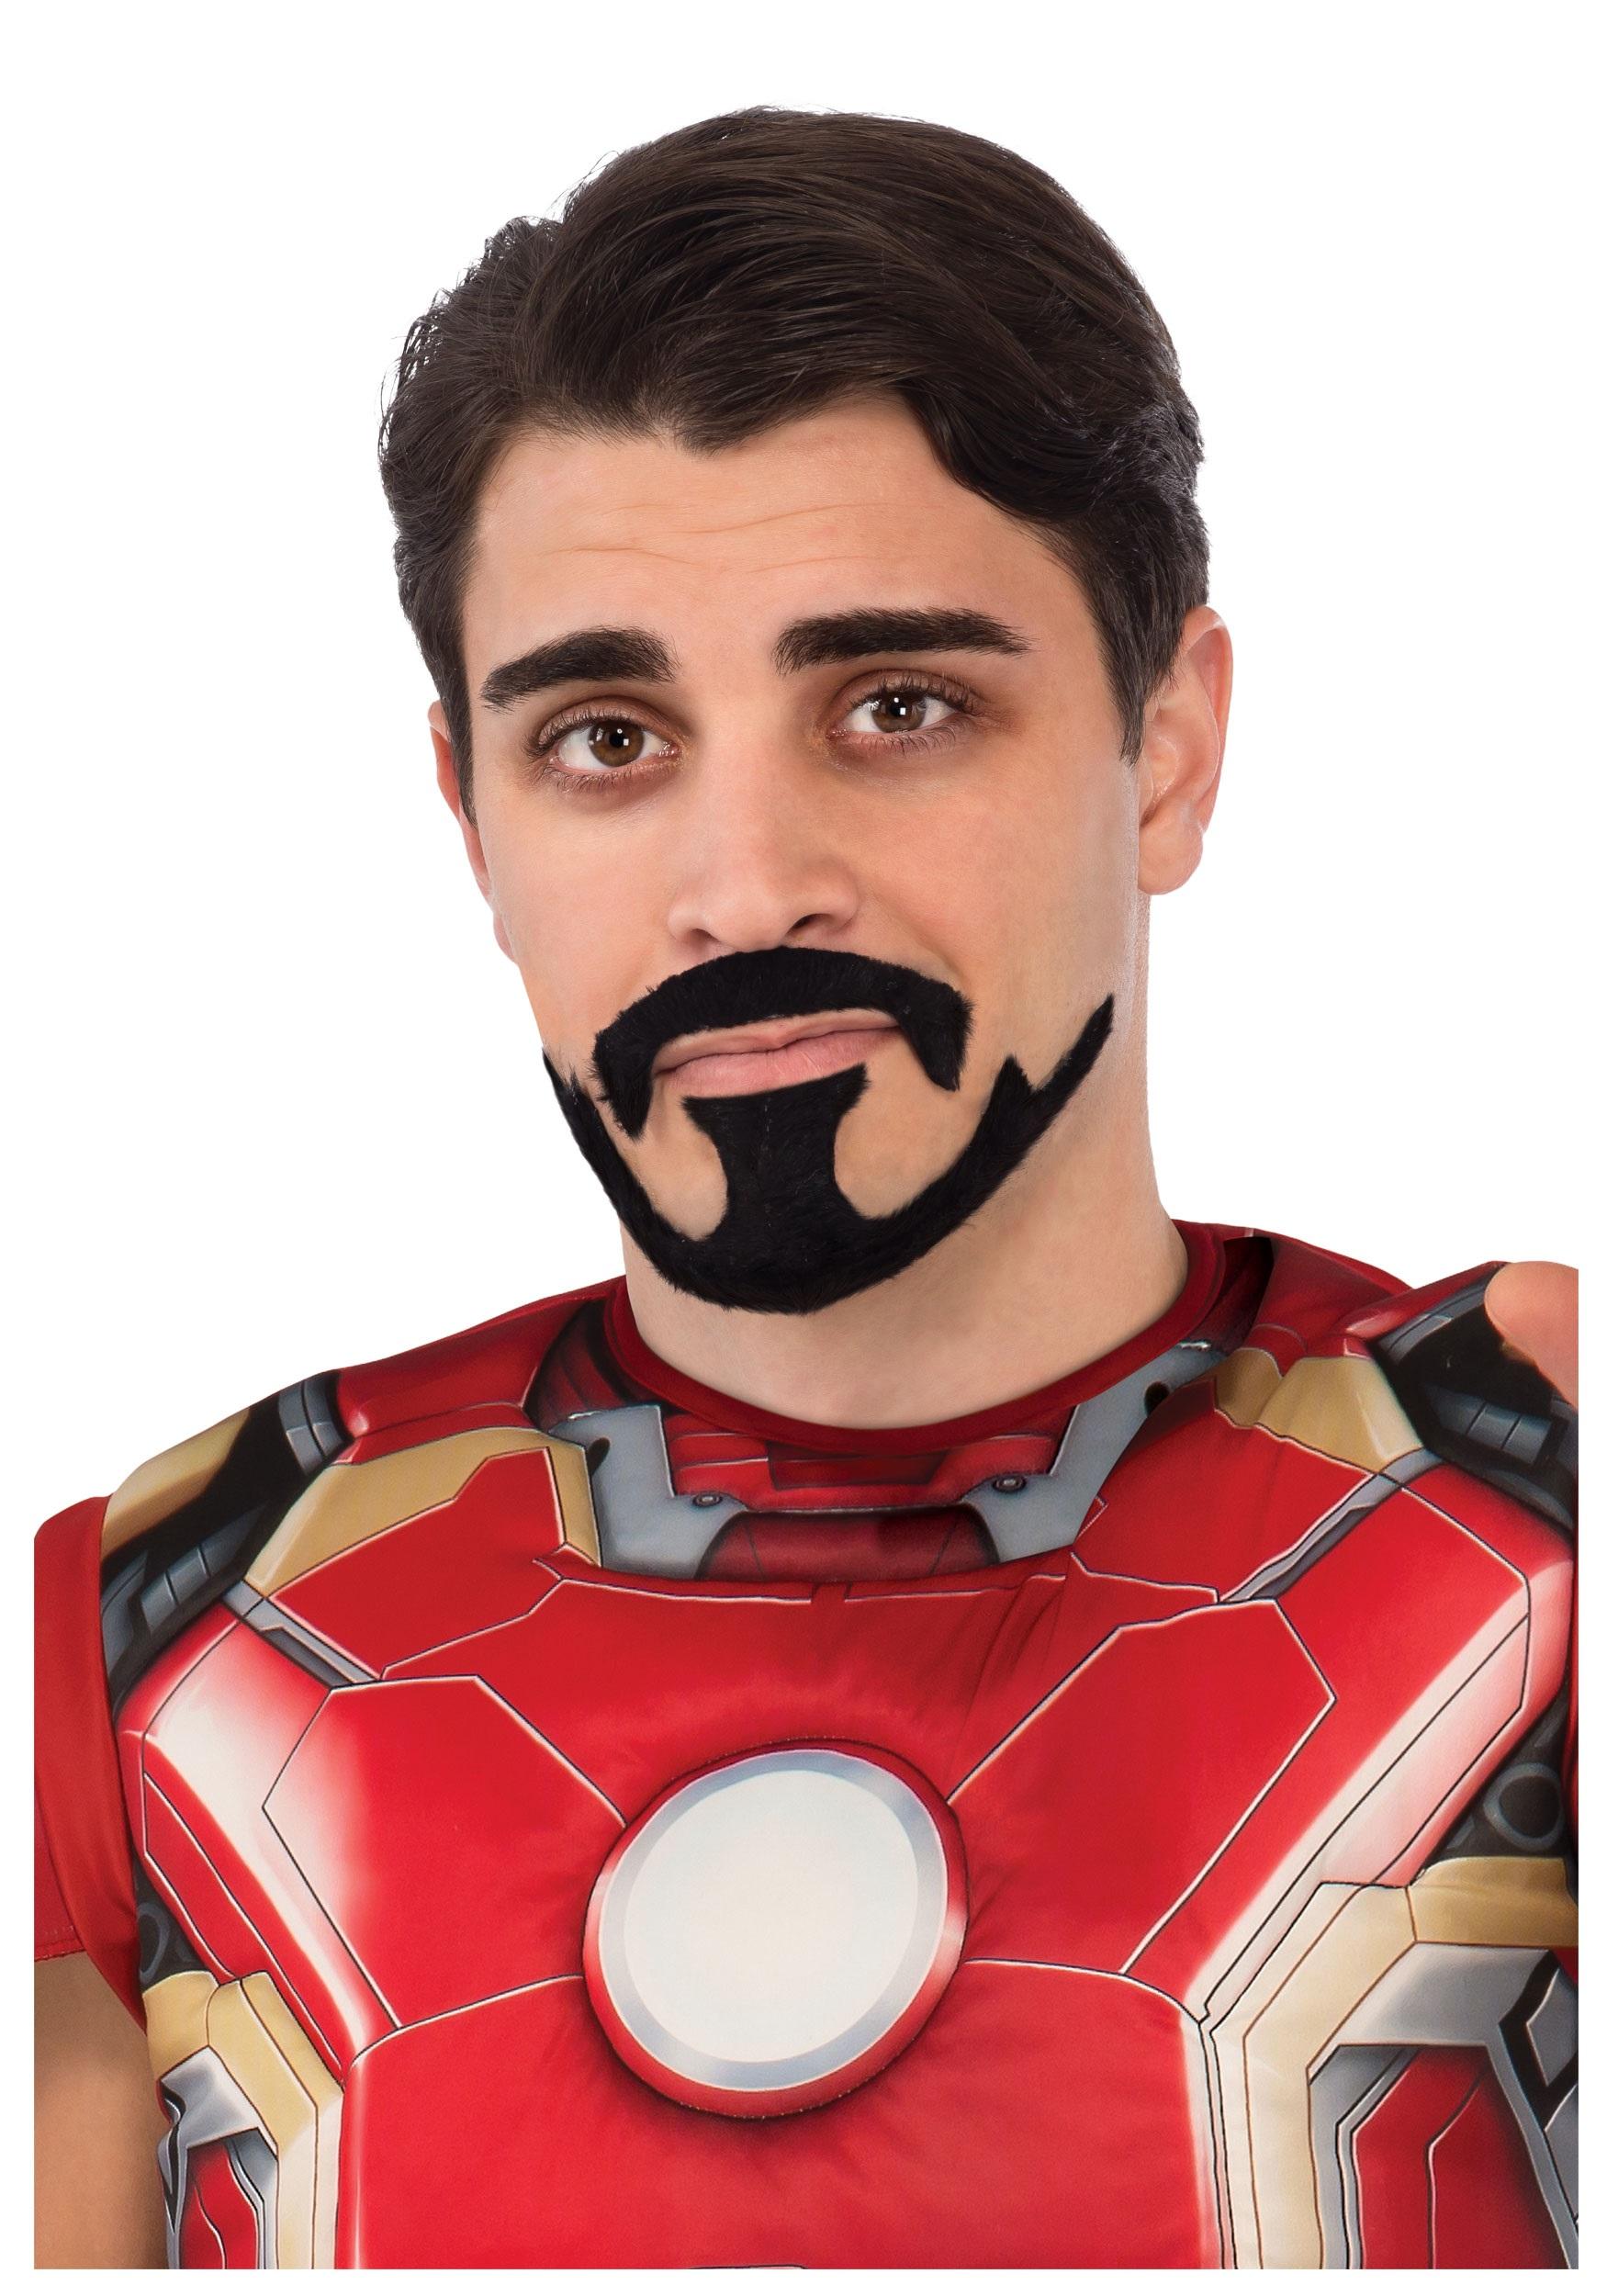 Tony Stark Mustache and Goatee